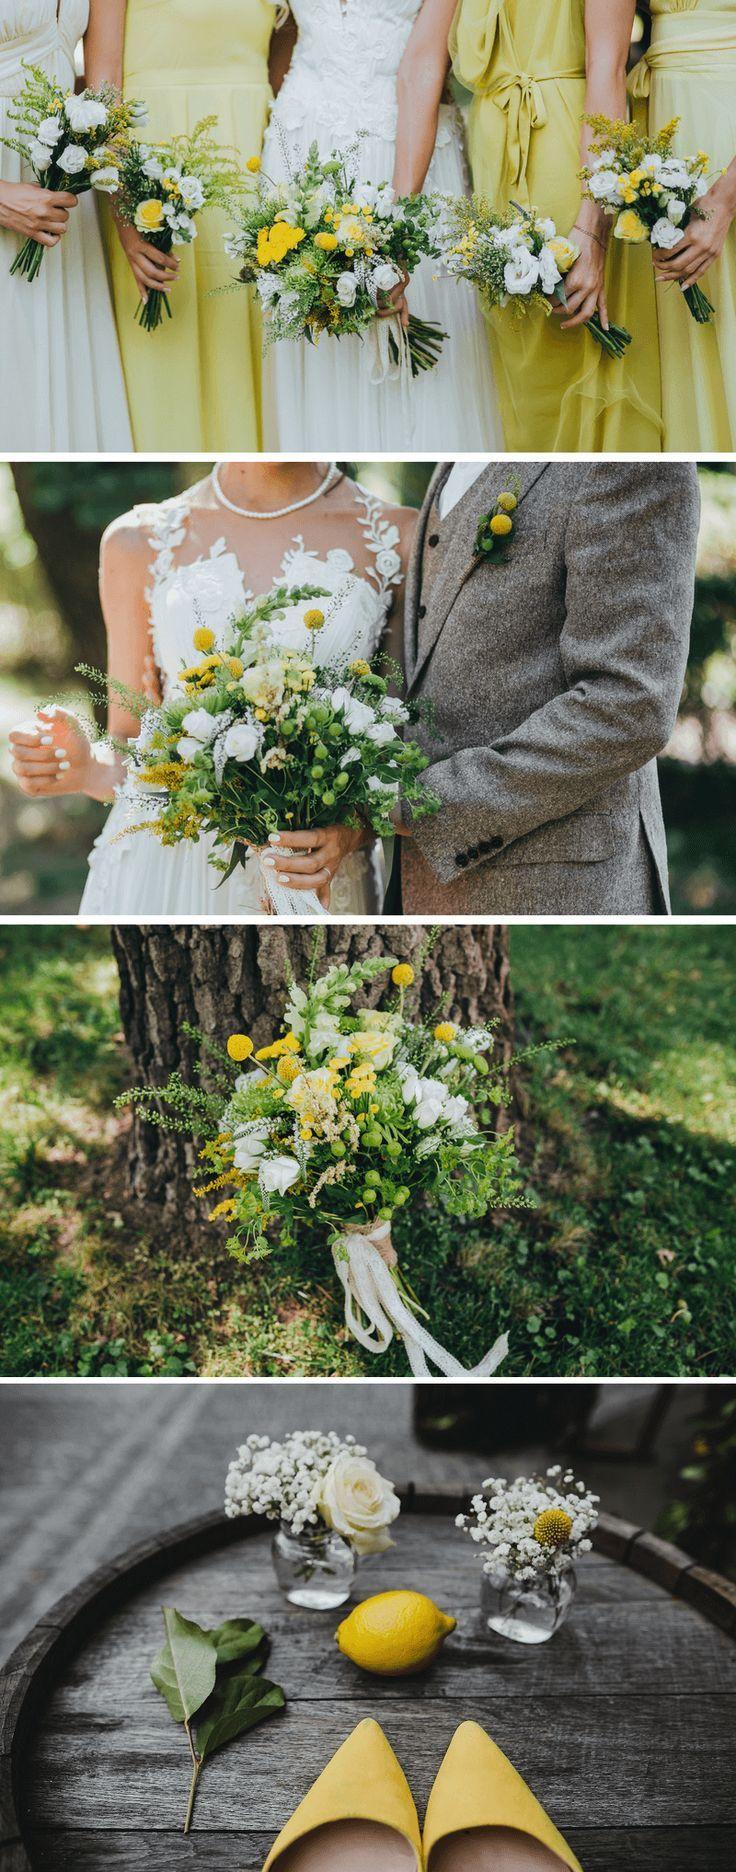 Hochzeit in Gelb: 40 stilvolle und kreative Deko-Ideen